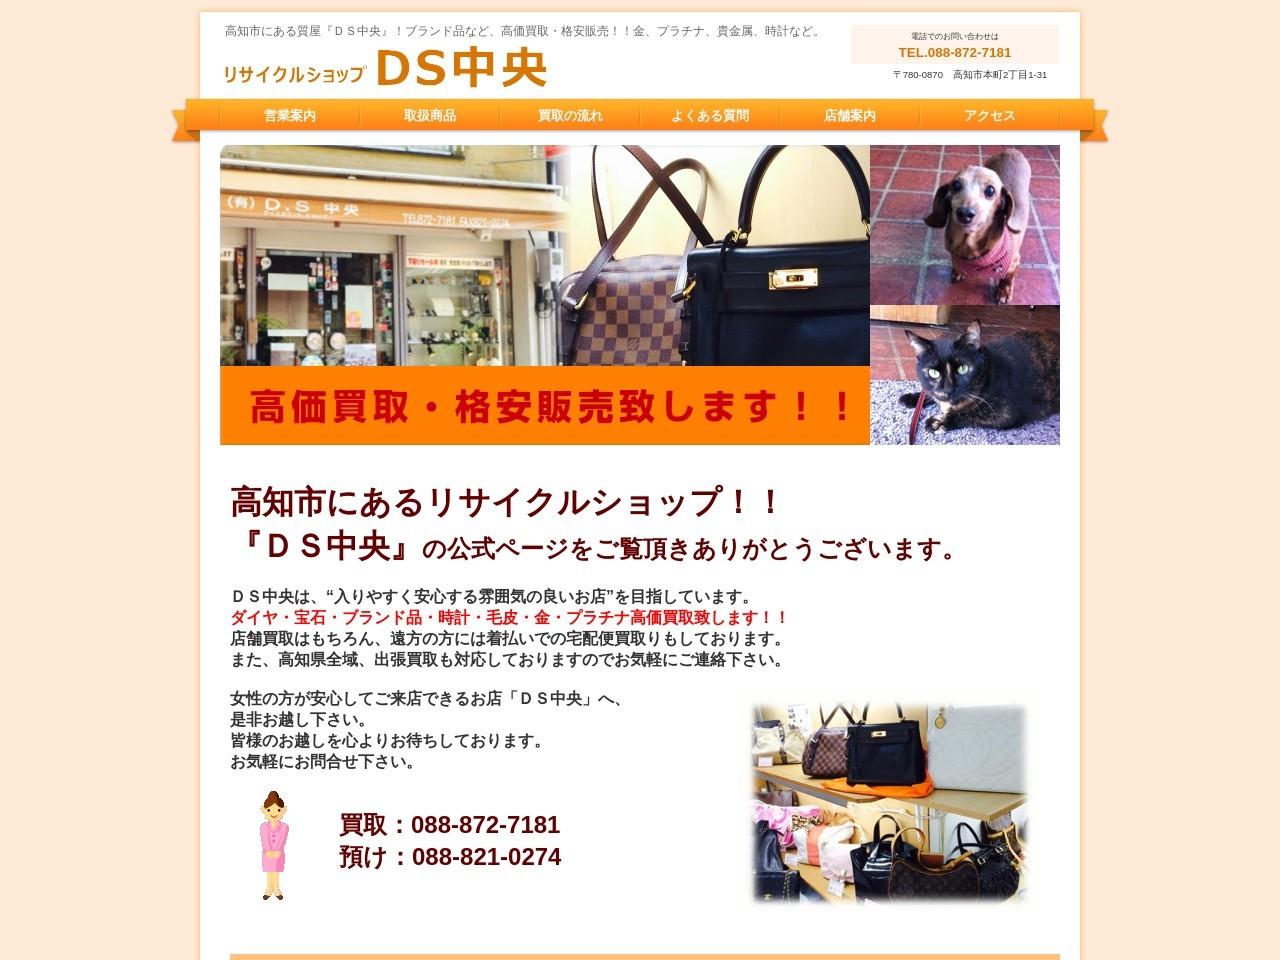 高知市|質屋|DS中央|ブランド品|高価買取 格安販売|金 プラチナ|貴金属 時計など